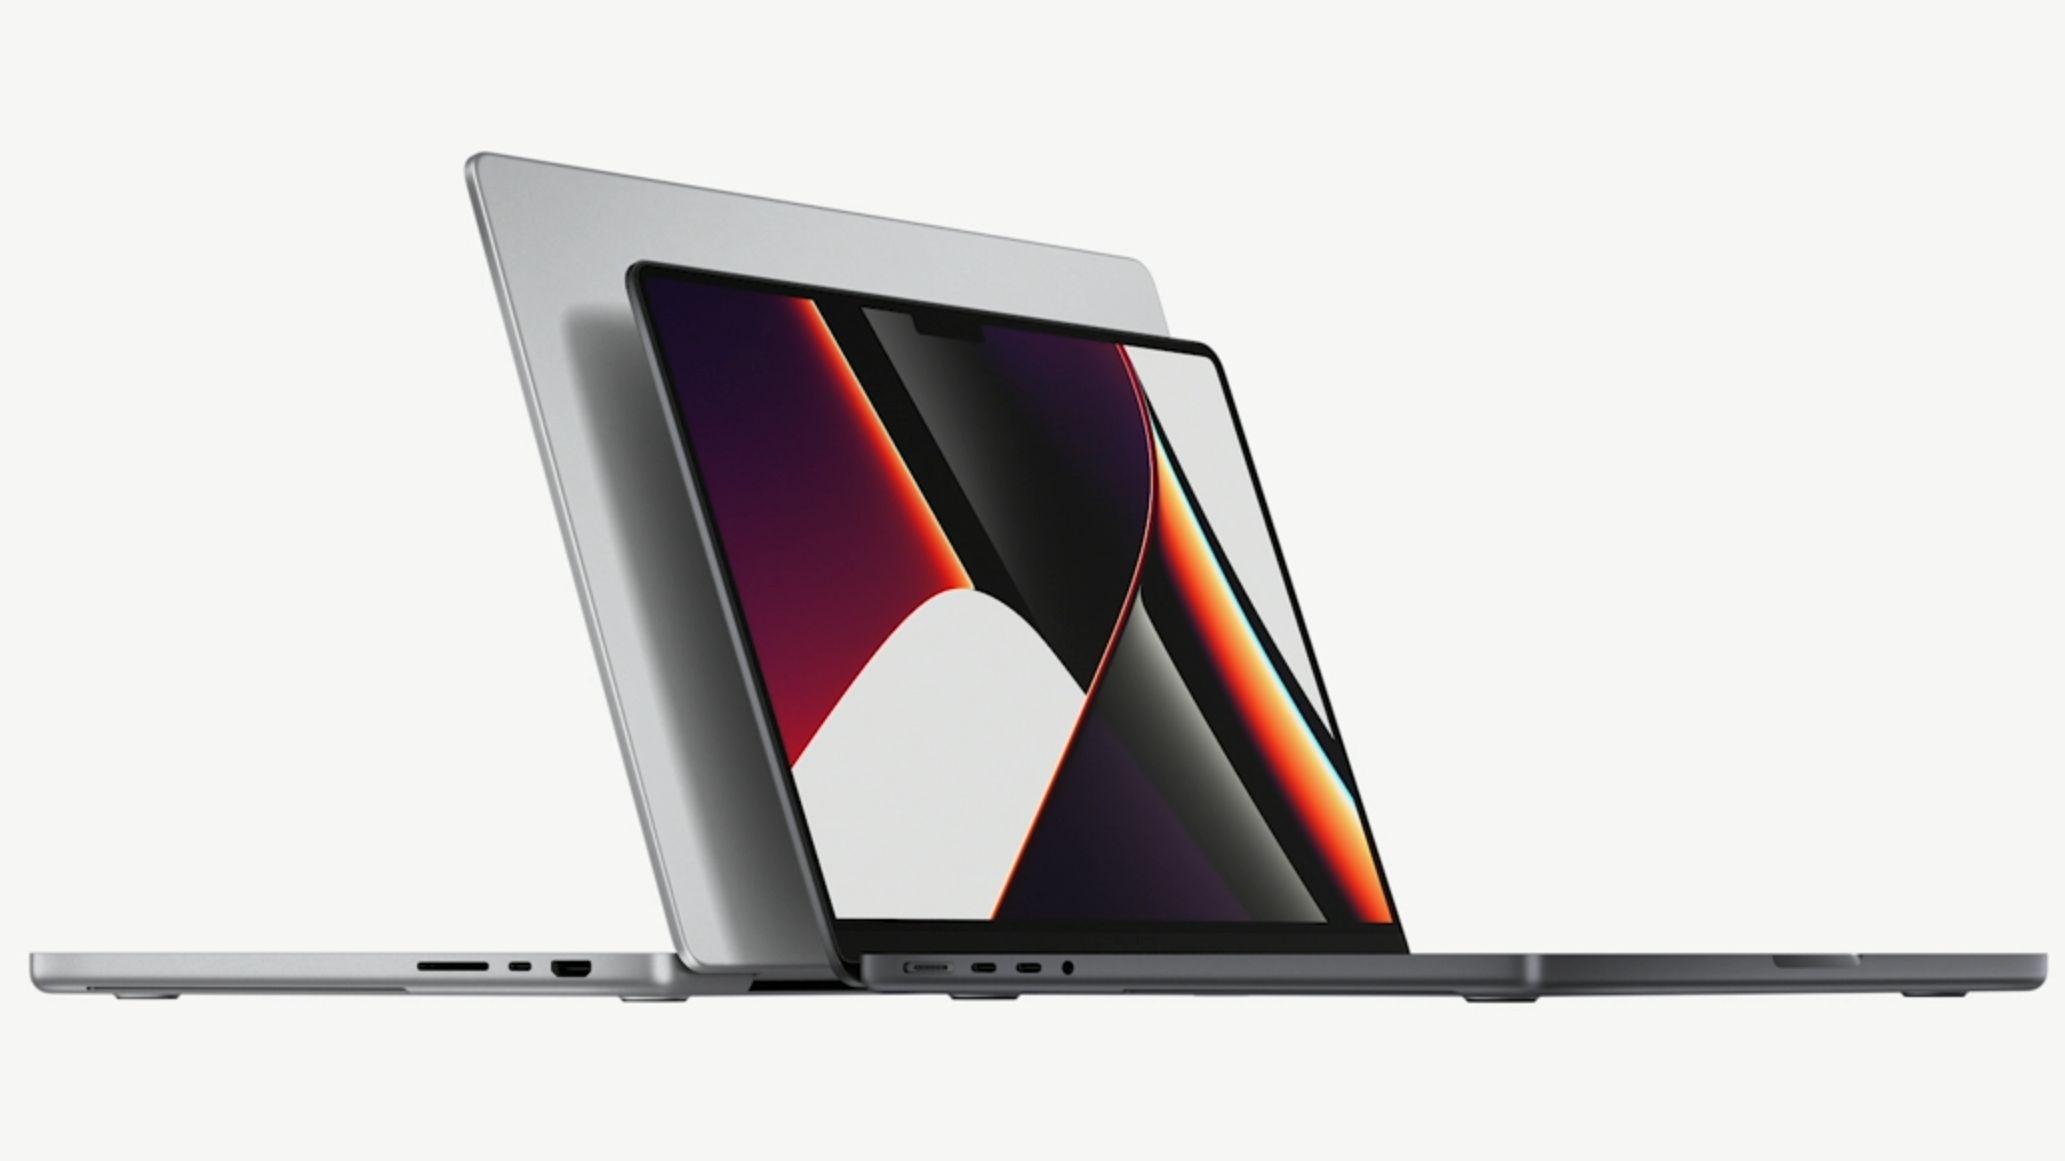 Apples nye Mac-brikke testet: Opptil 181 prosent raskere enn forgjengeren